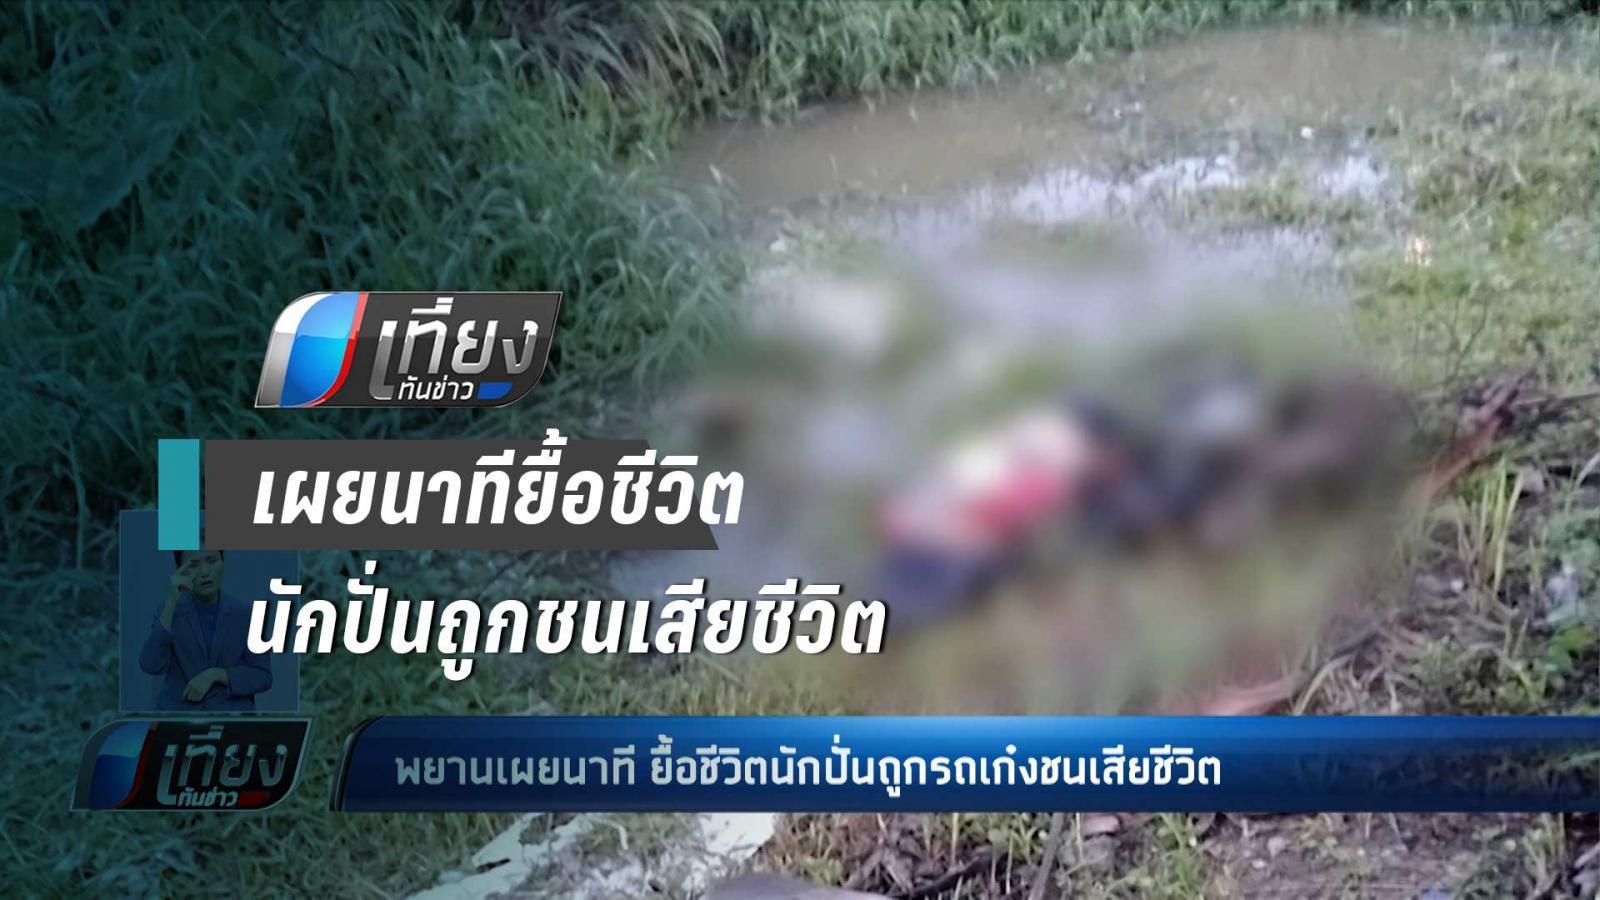 พยานเผยนาทีพยายามยื้อชีวิตนักปั่นถูกชนเสียชีวิต